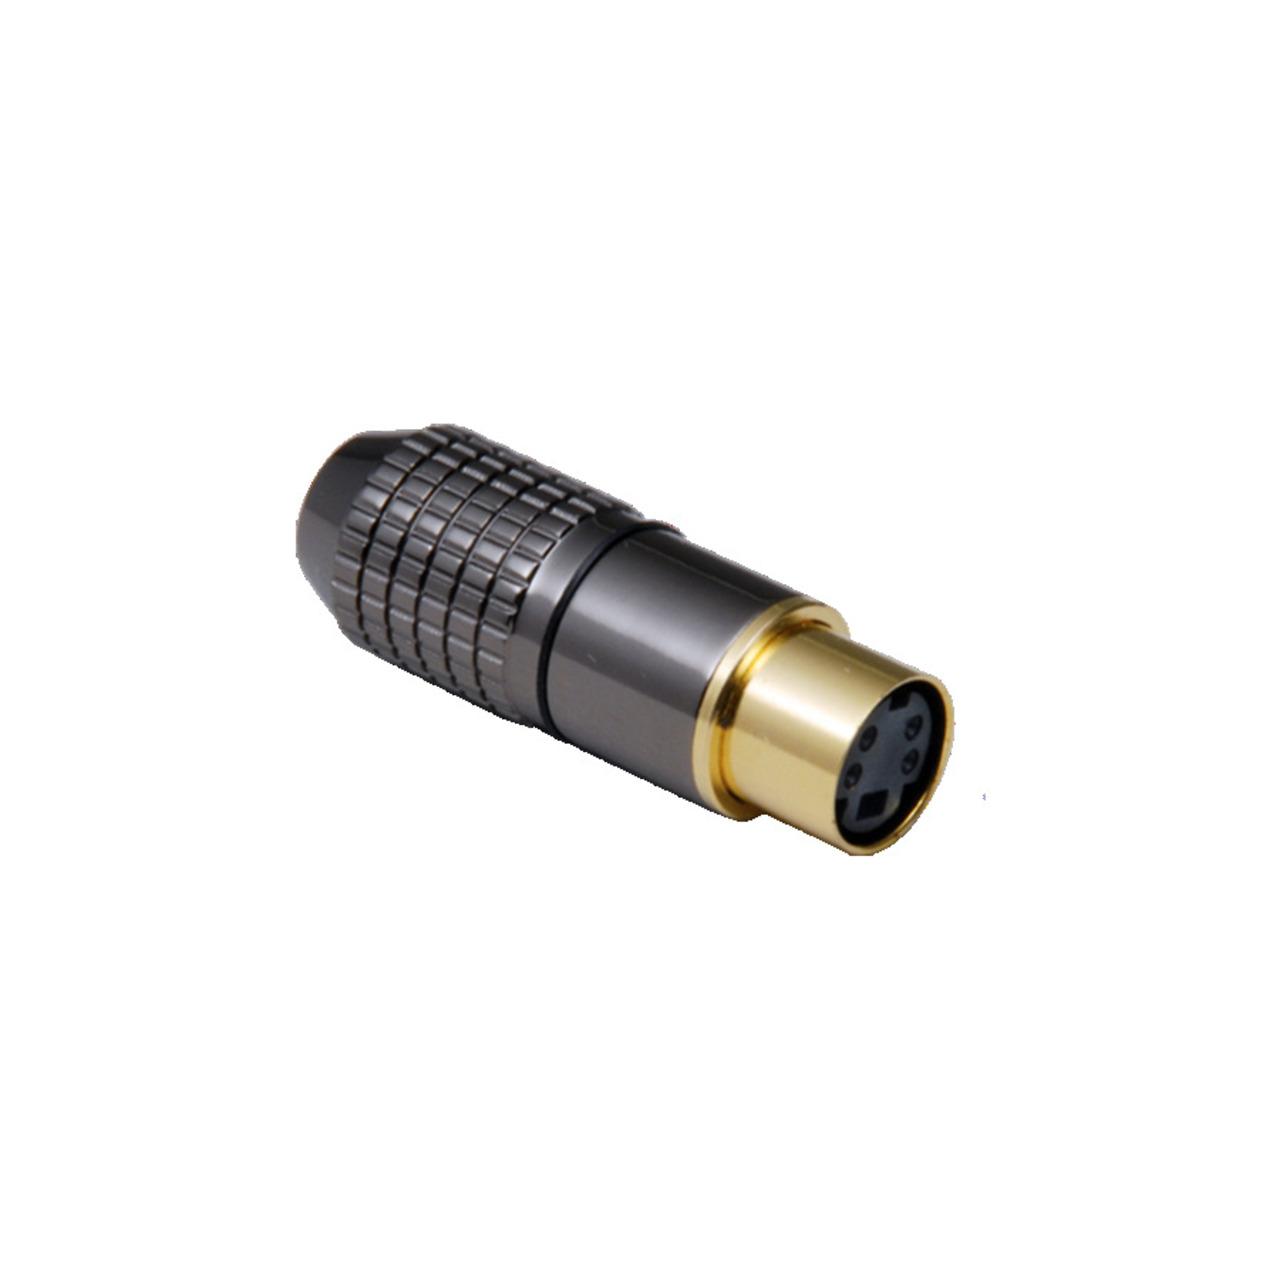 BKL Electronic Mini-DIN-Kupplung 6-pol.- hochwertige Metallausf.- Anschlüsse und Kontakte vergoldet